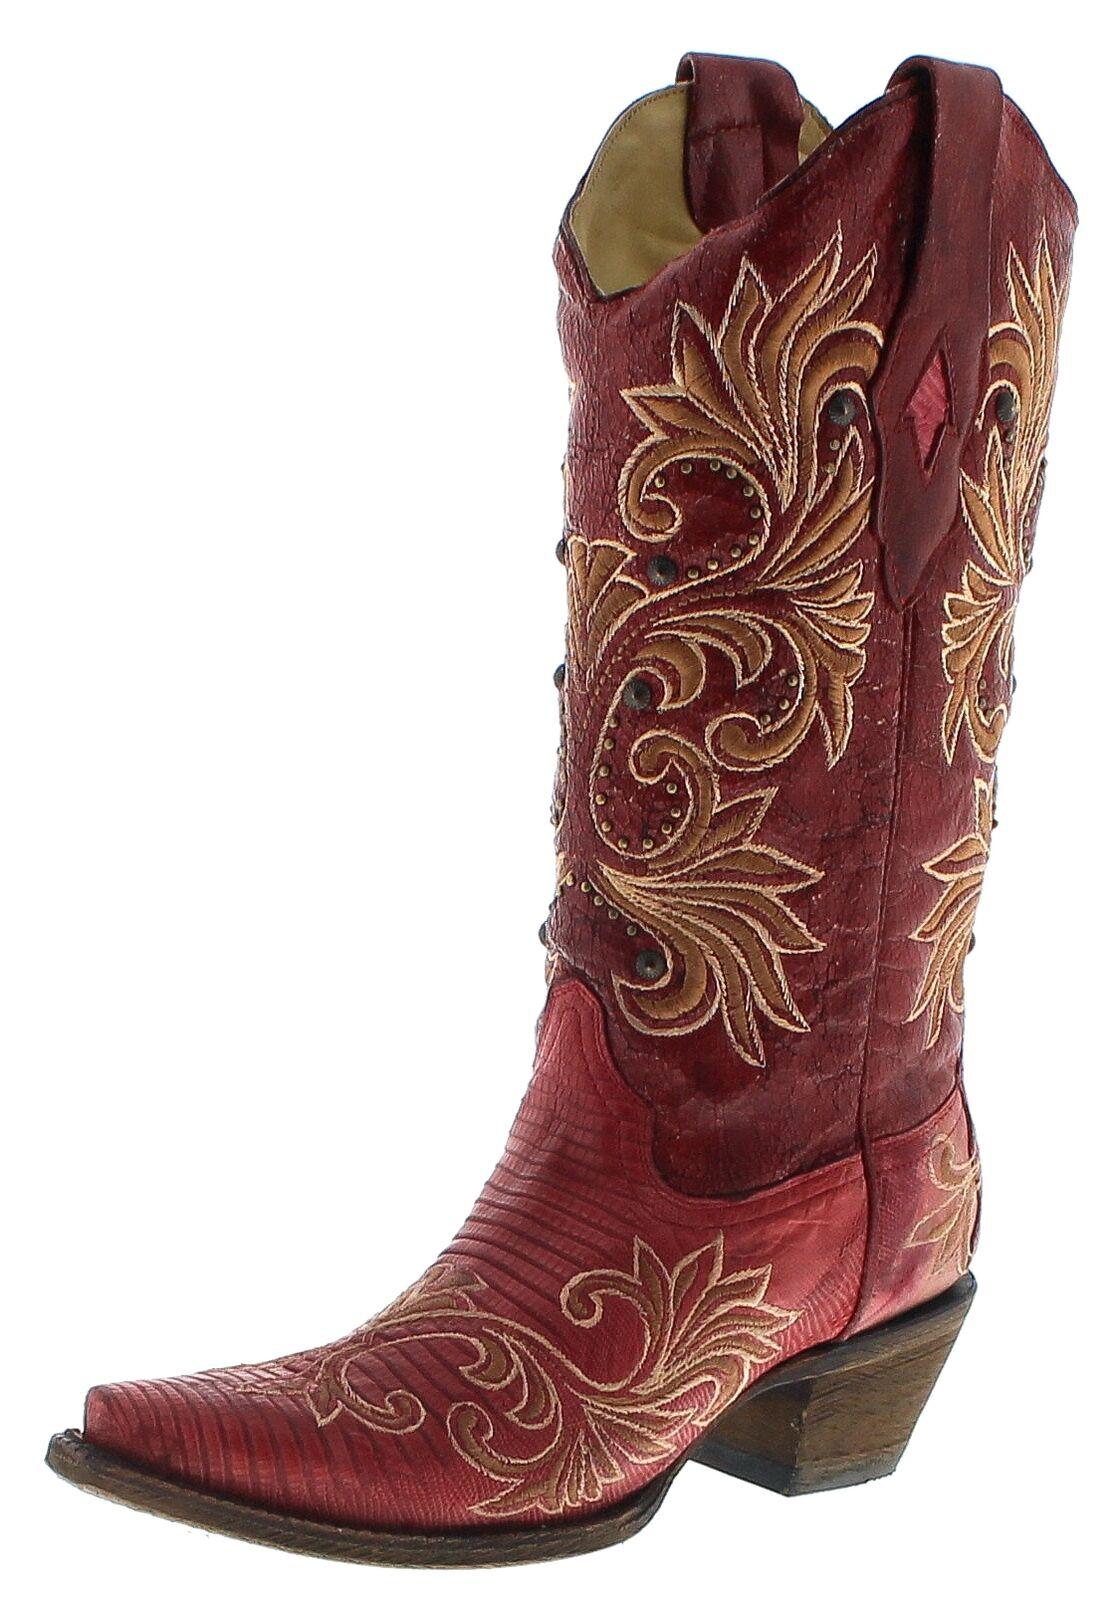 Corral Stiefel A3378 rot Lizard Damen Westernstiefel Rot Lederstiefel